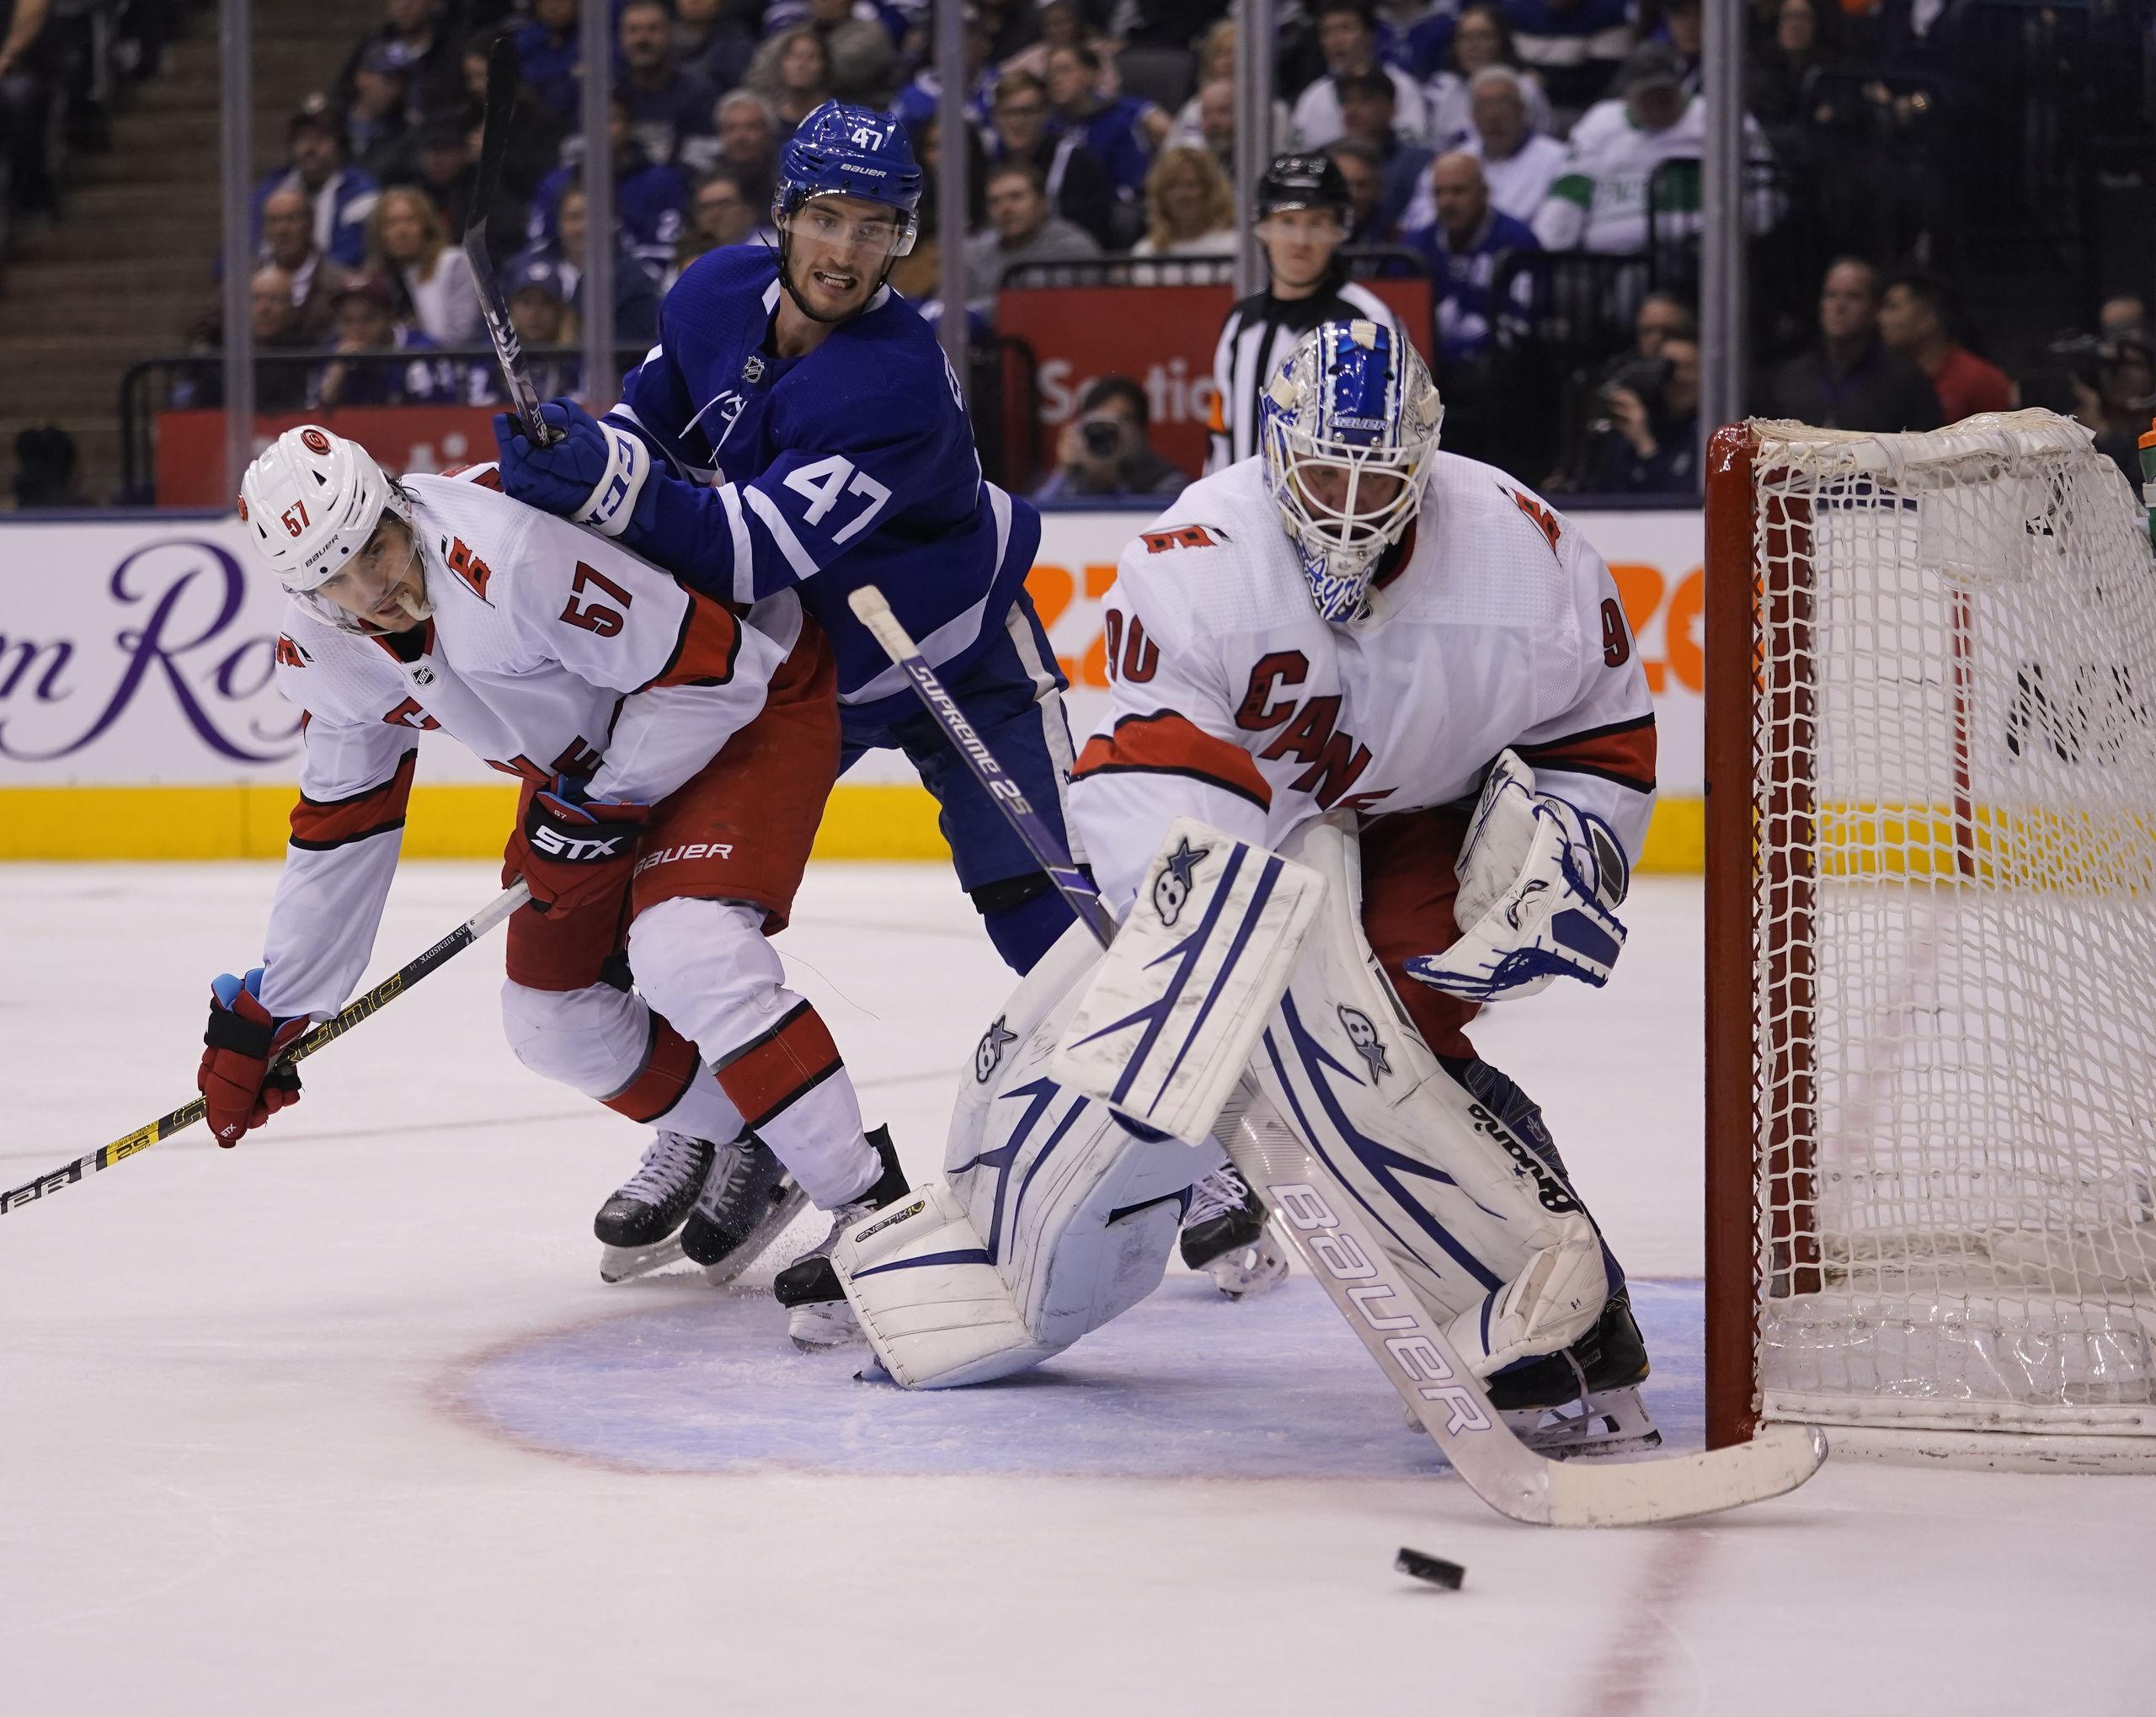 Ismaskinsföraren byttes in i NHL – blev hjälte